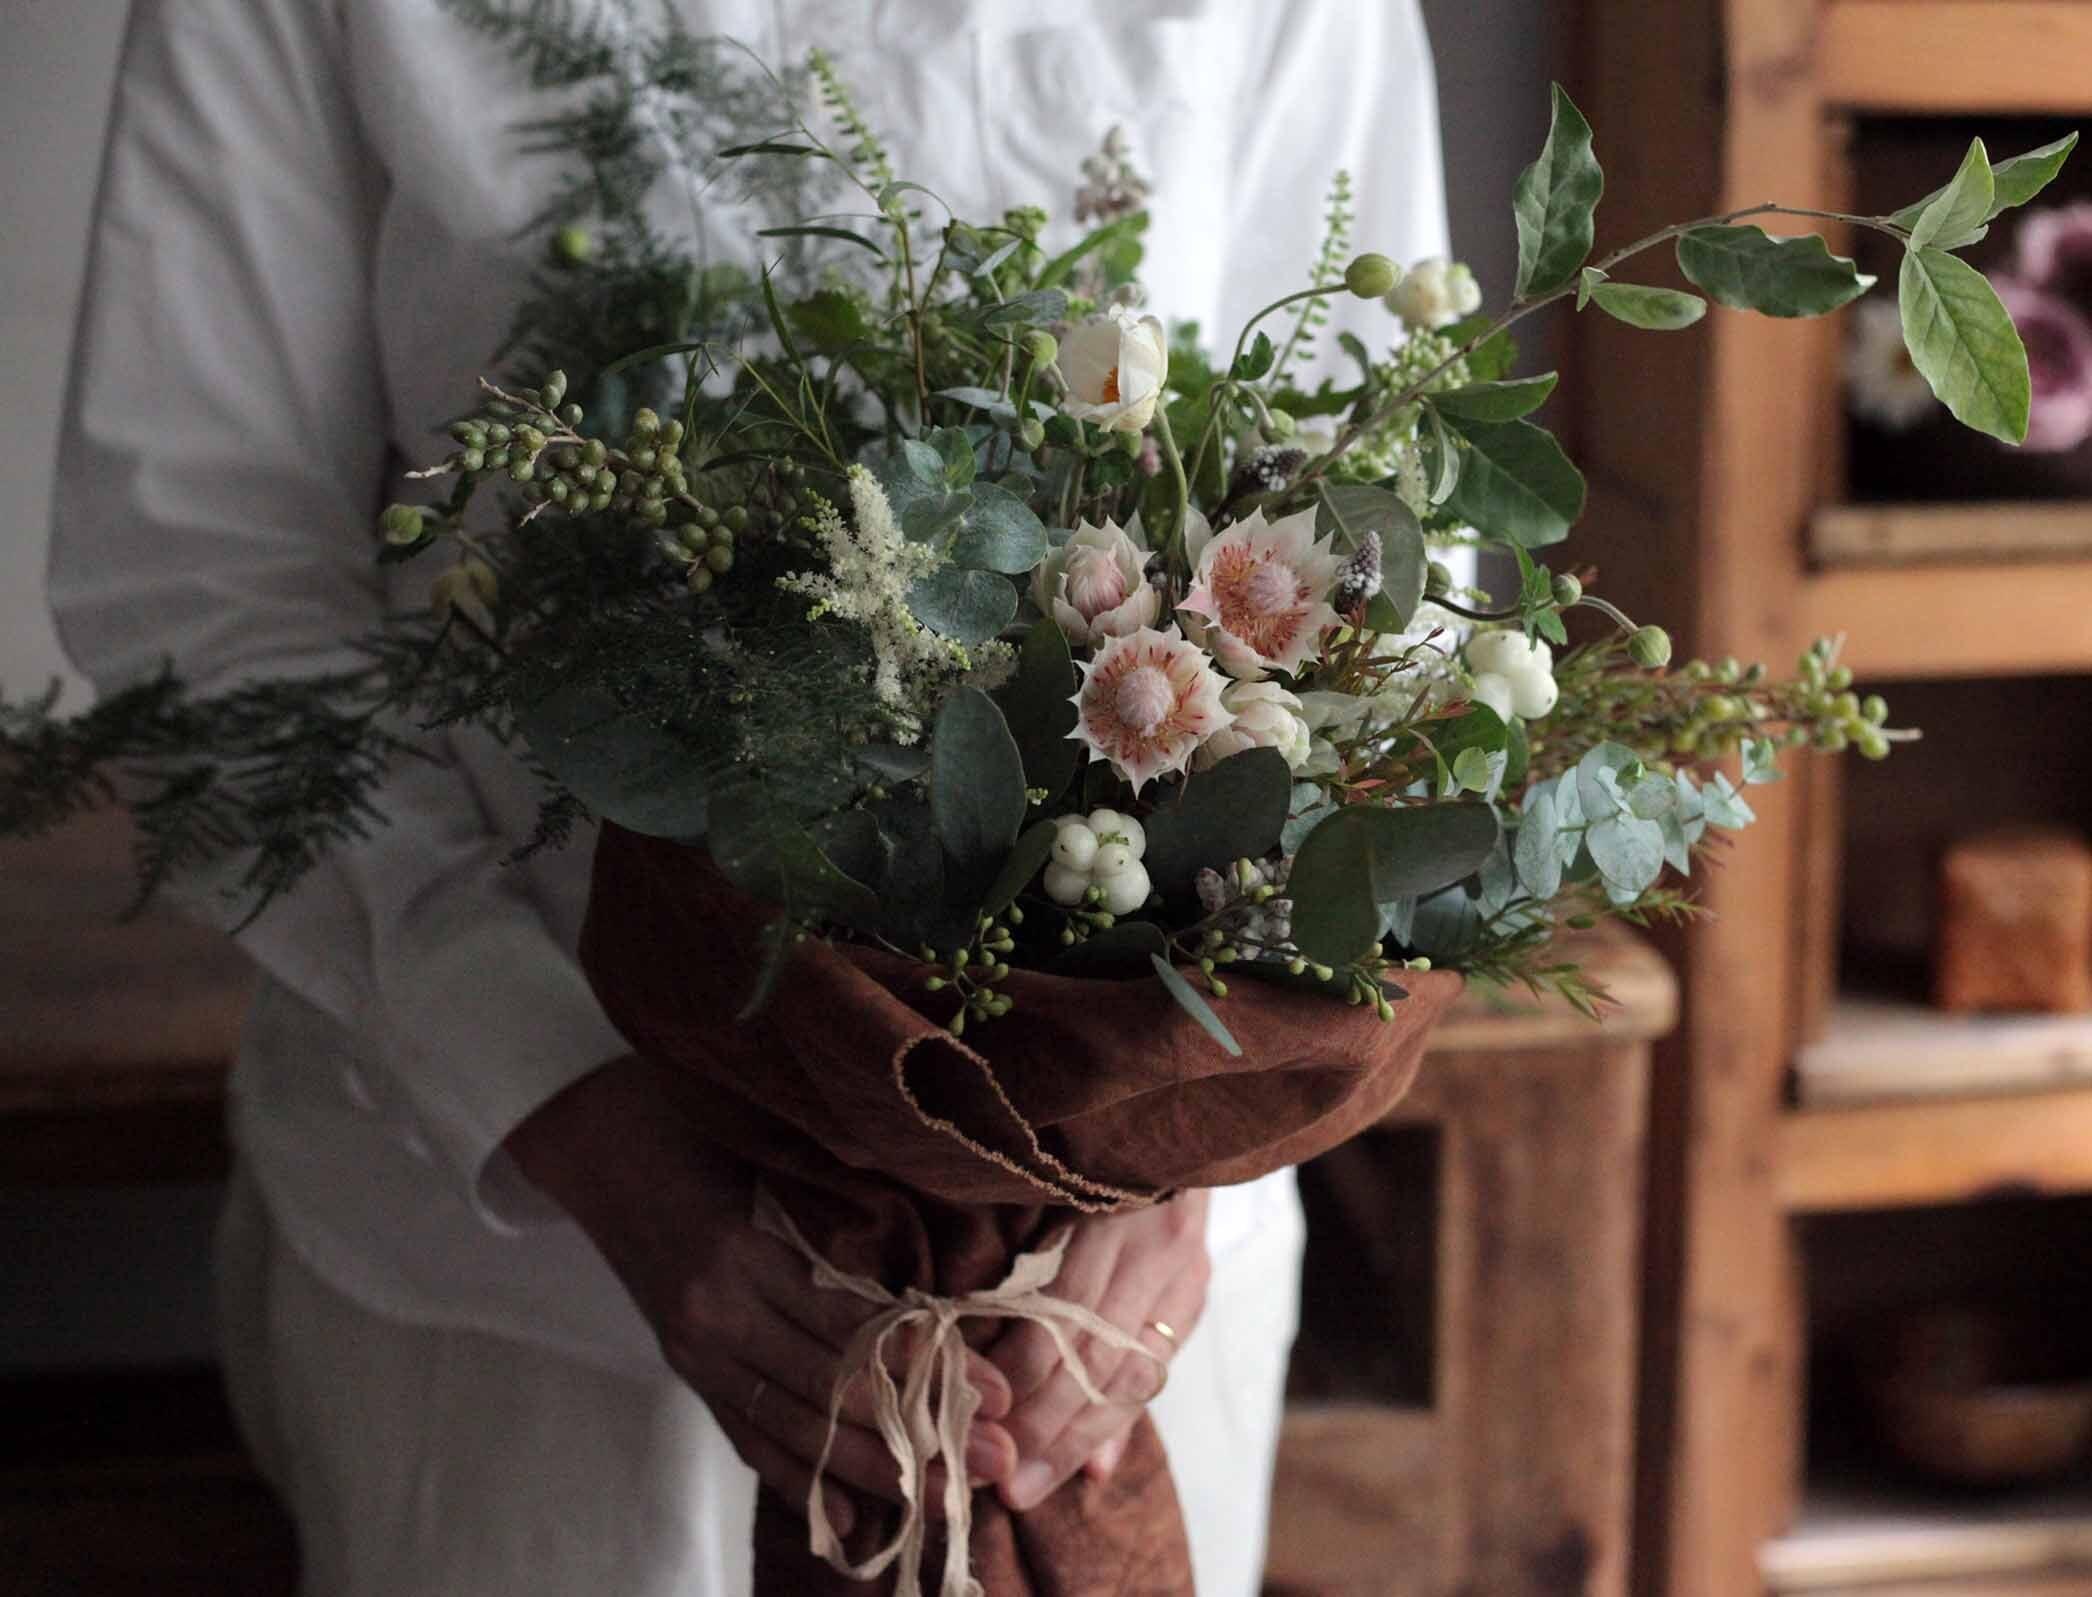 息吹の森のブーケ (Naturalgreen Bouquet)